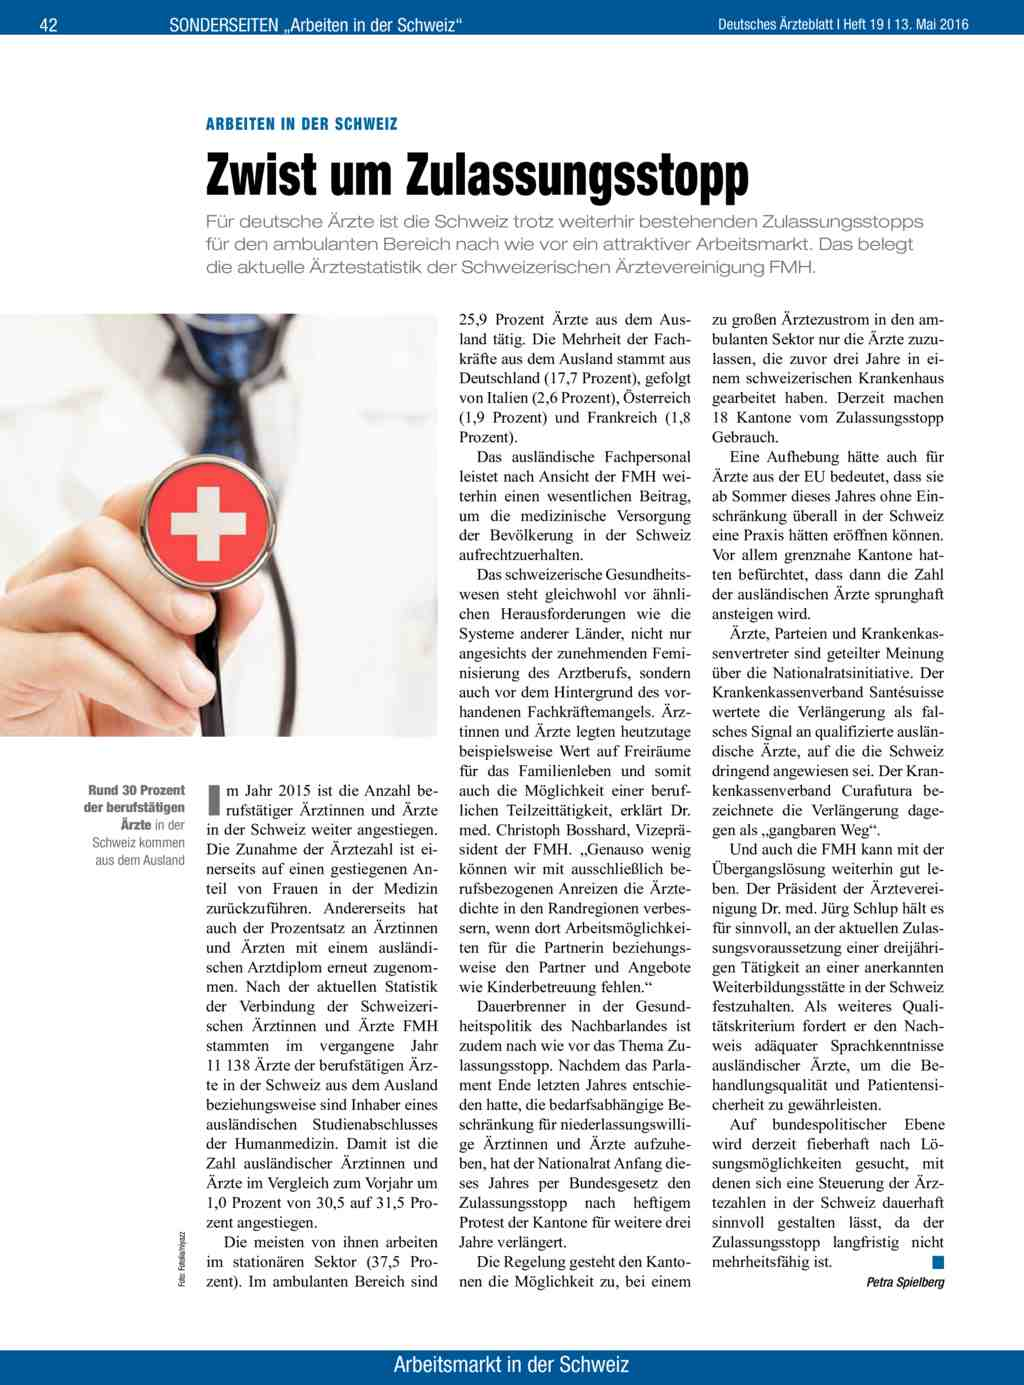 Arbeiten In Der Schweiz Zwist Um Zulassungsstopp